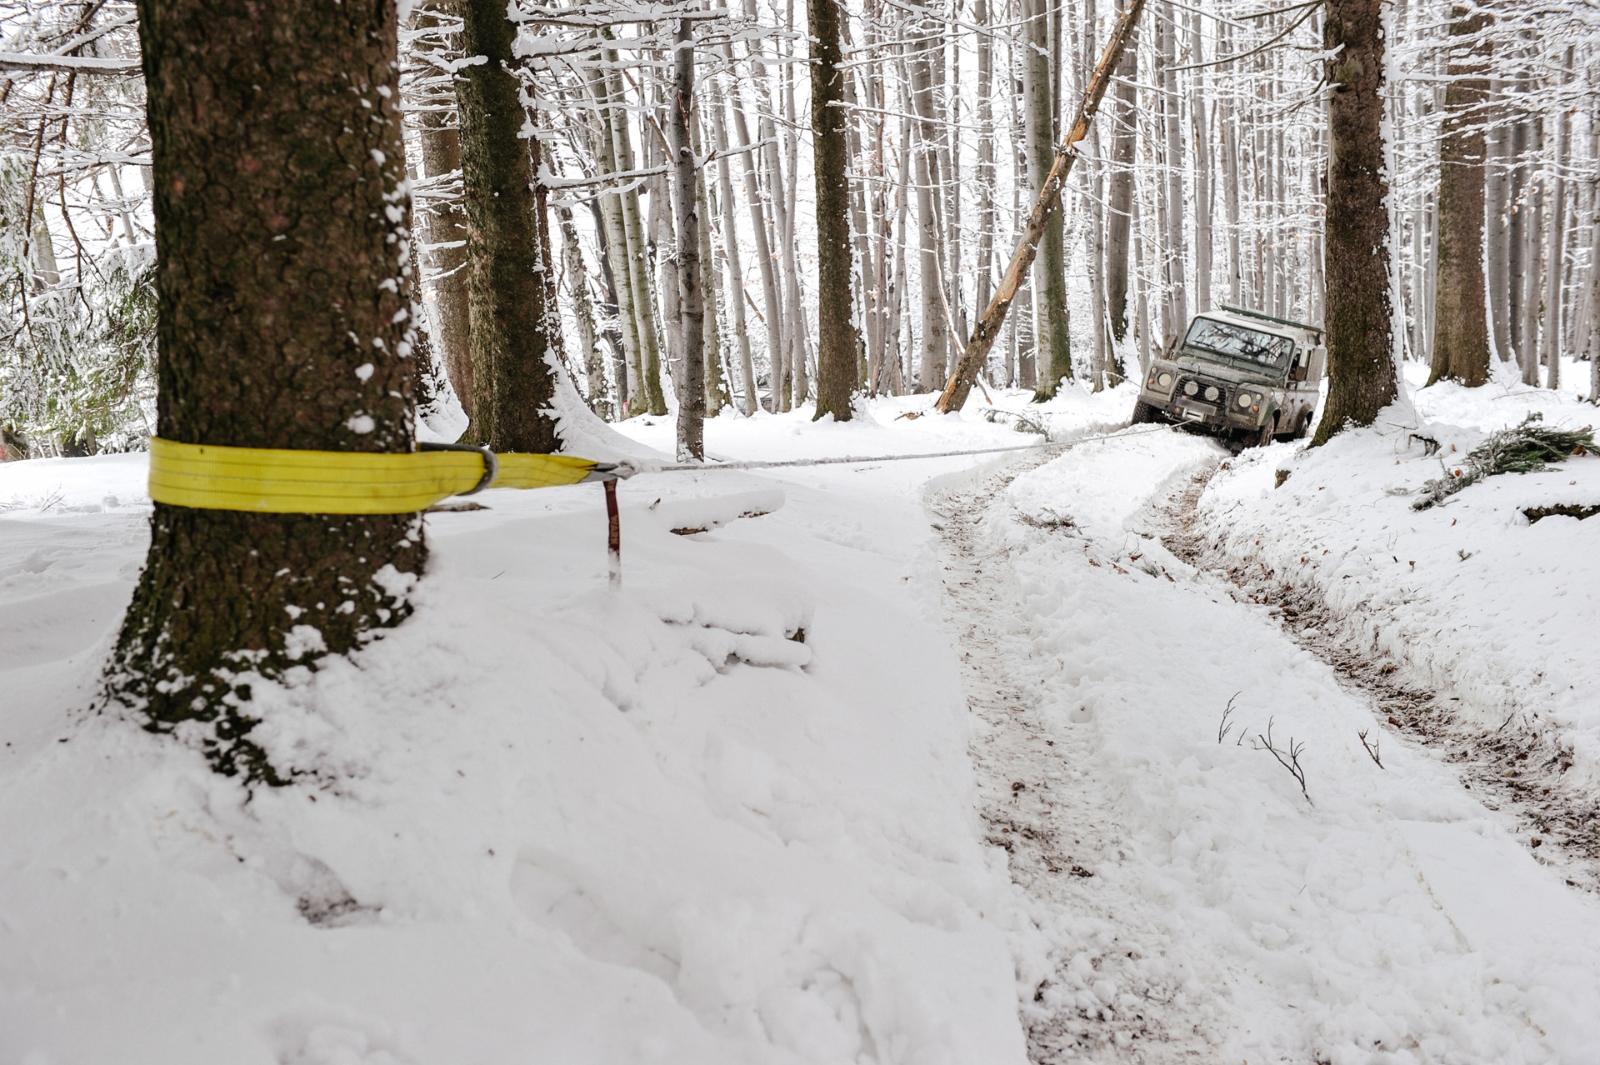 Abenteuer4x4 - Hoteltour im Winter - Bergematerial ist Pflicht.